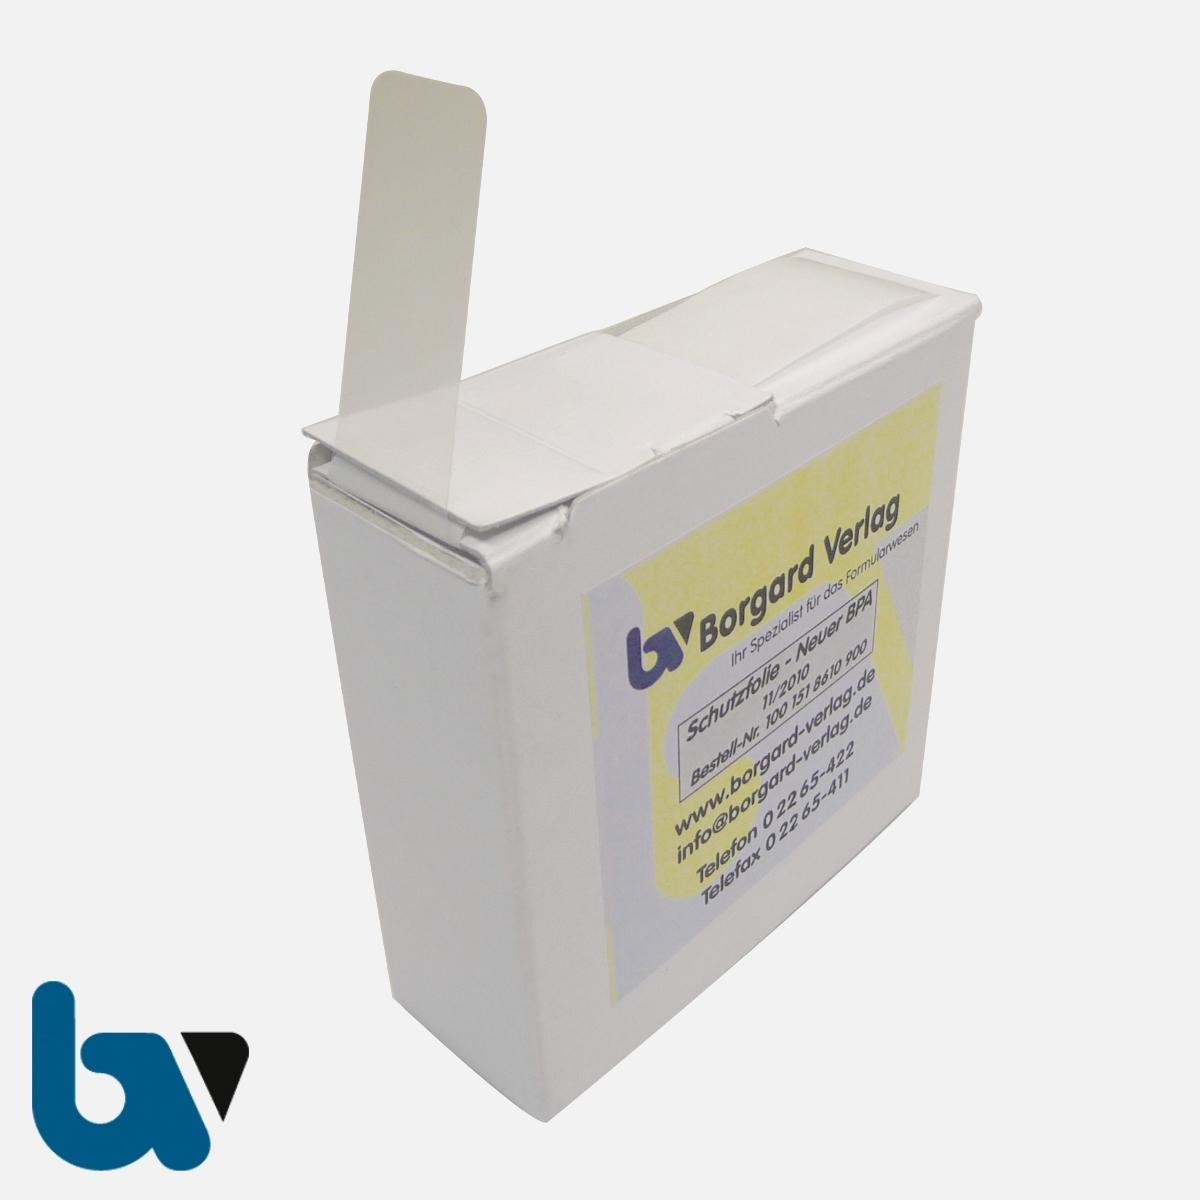 0/519-16 Schutzfolie für Adressaufkleber neuer Personalausweis mit Spenderbox | Borgard Verlag GmbH